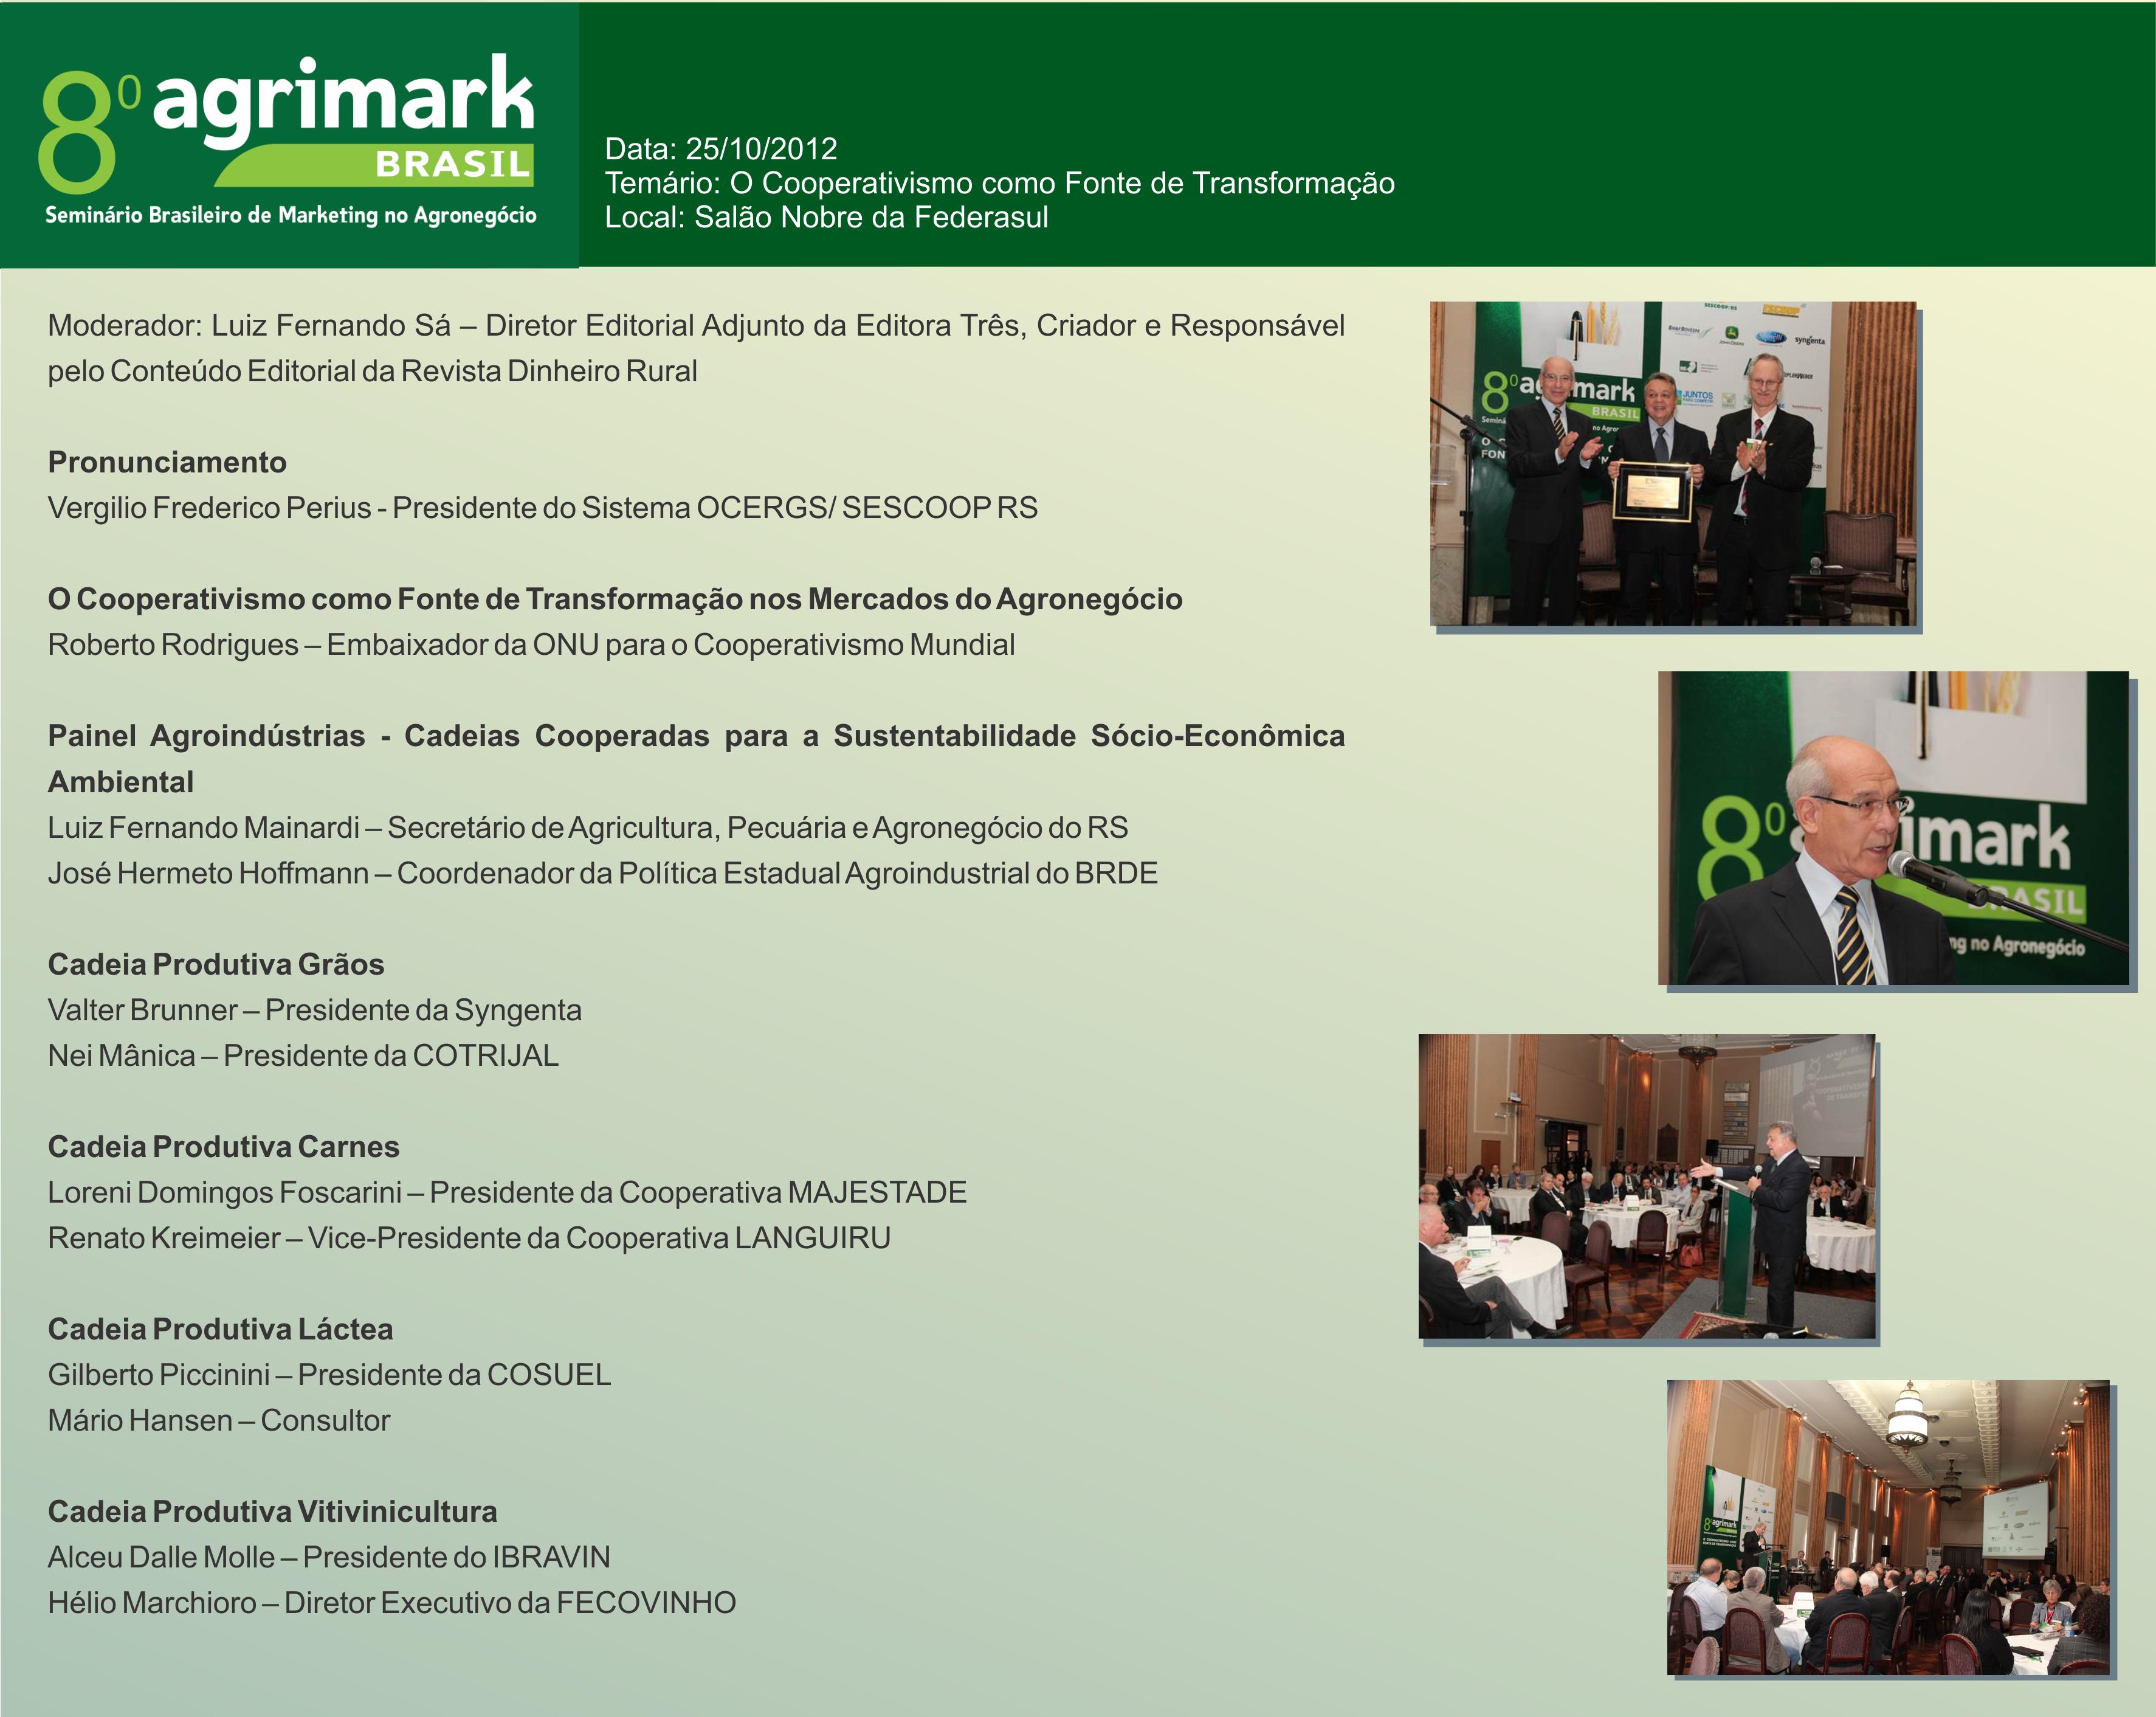 8º_Agrimark